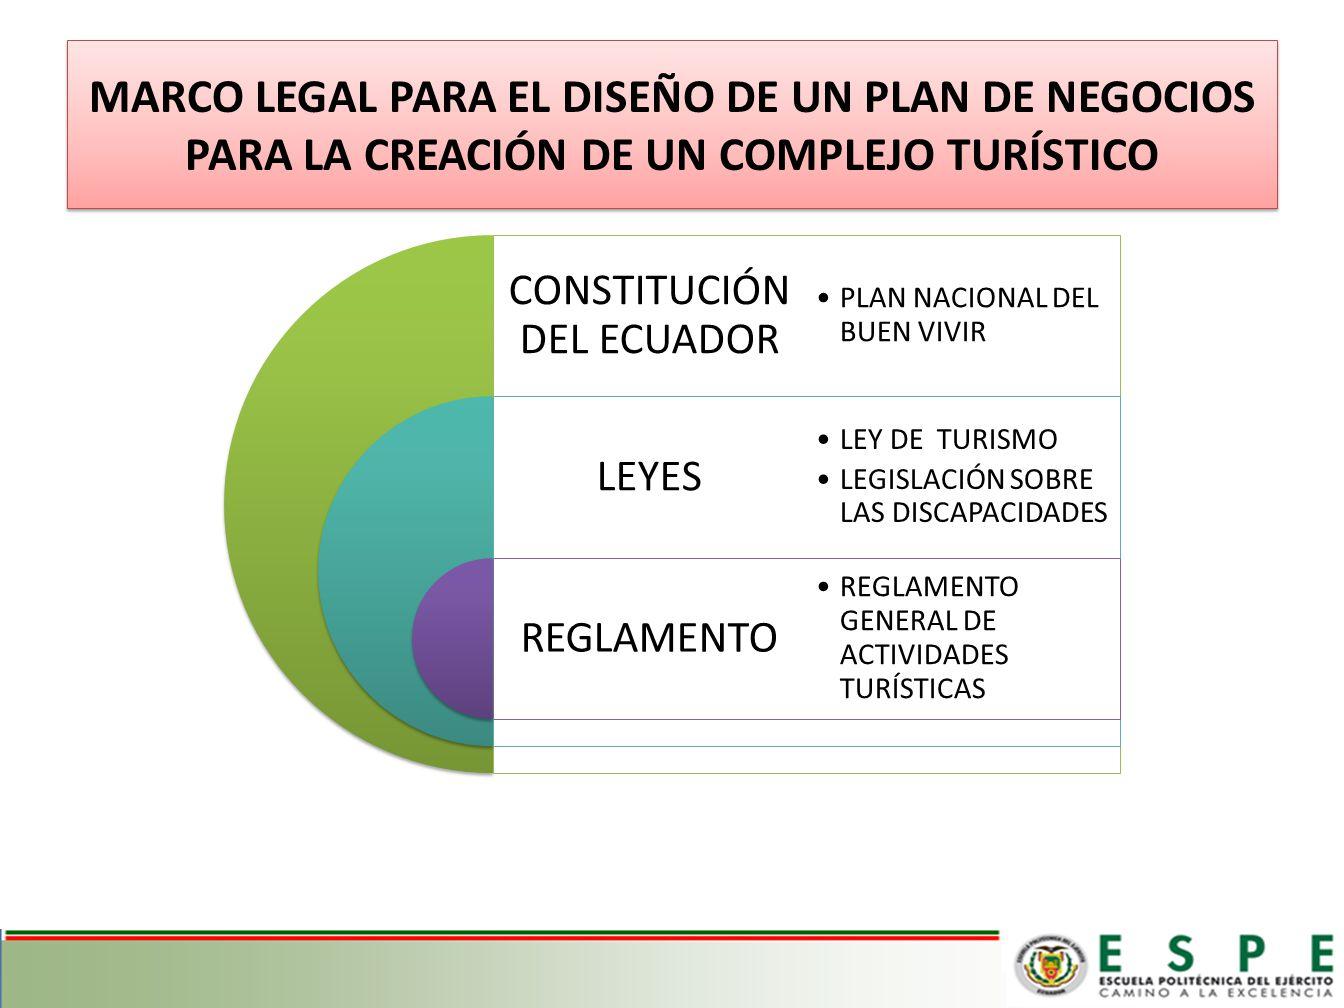 CONSTITUCIÓN DEL ECUADOR LEYES REGLAMENTO PLAN NACIONAL DEL BUEN VIVIR LEY DE TURISMO LEGISLACIÓN SOBRE LAS DISCAPACIDADES REGLAMENTO GENERAL DE ACTIVIDADES TURÍSTICAS MARCO LEGAL PARA EL DISEÑO DE UN PLAN DE NEGOCIOS PARA LA CREACIÓN DE UN COMPLEJO TURÍSTICO